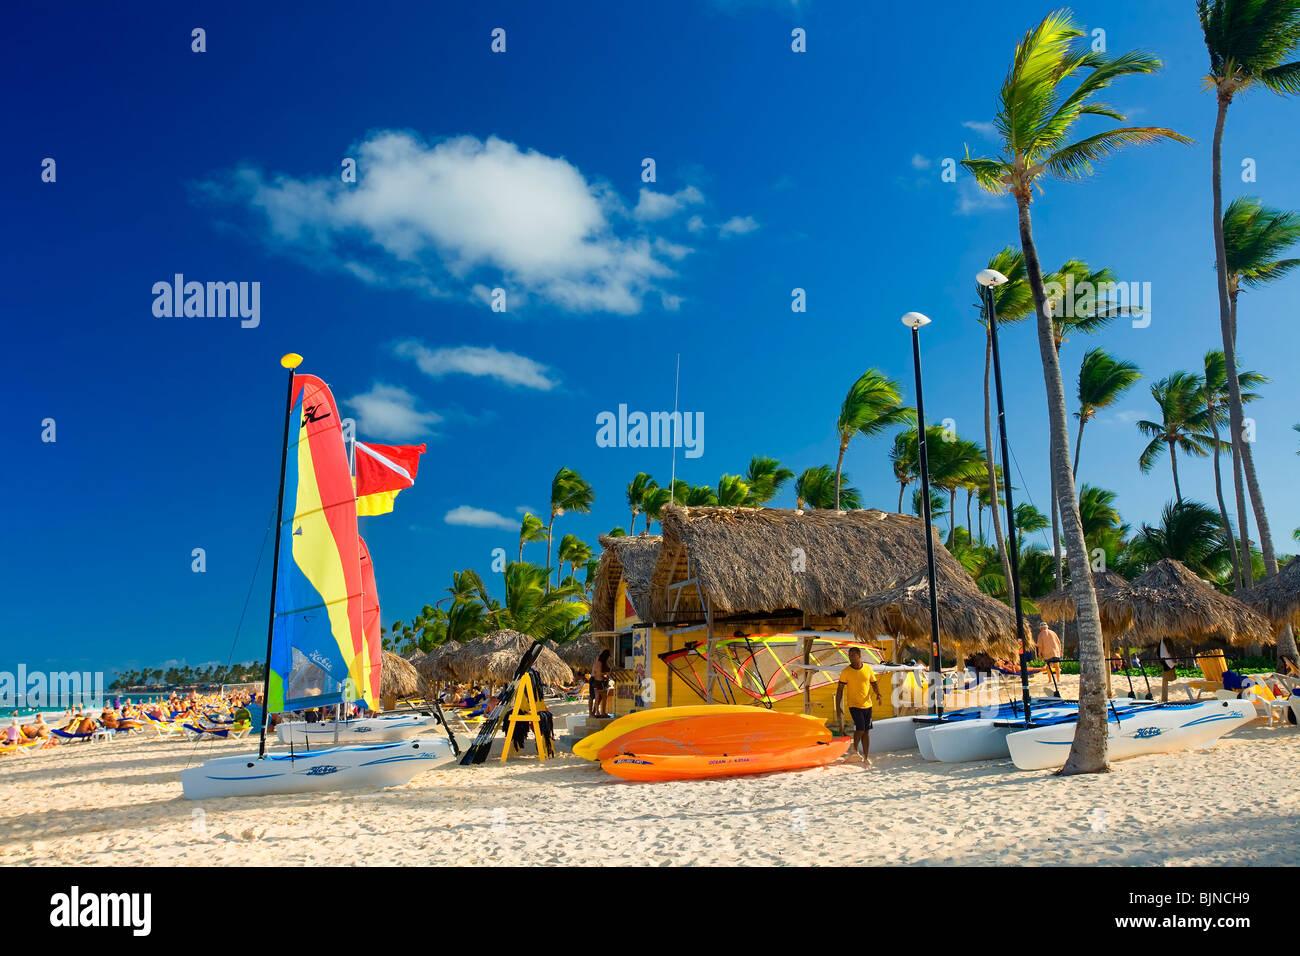 La plage de Bavaro, Punta Cana, République dominicaine Photo Stock